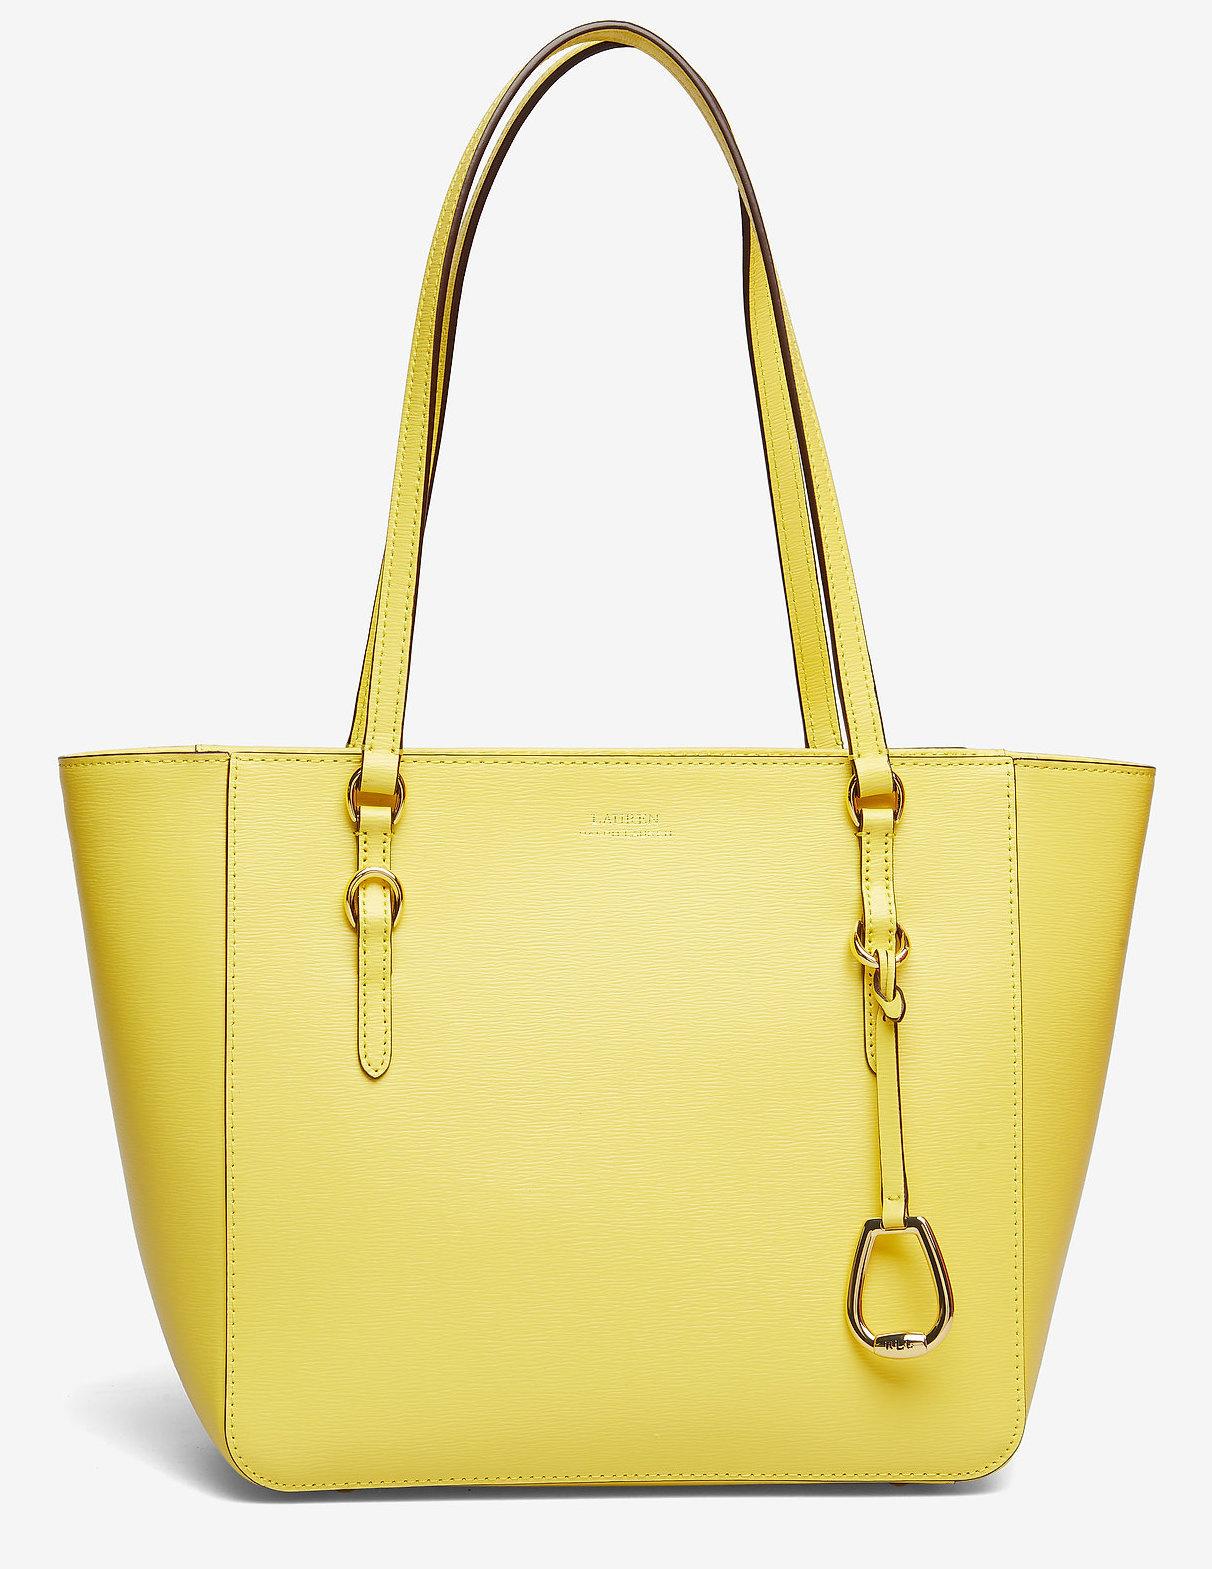 Lauren Ralph Lauren leer handtas, geel